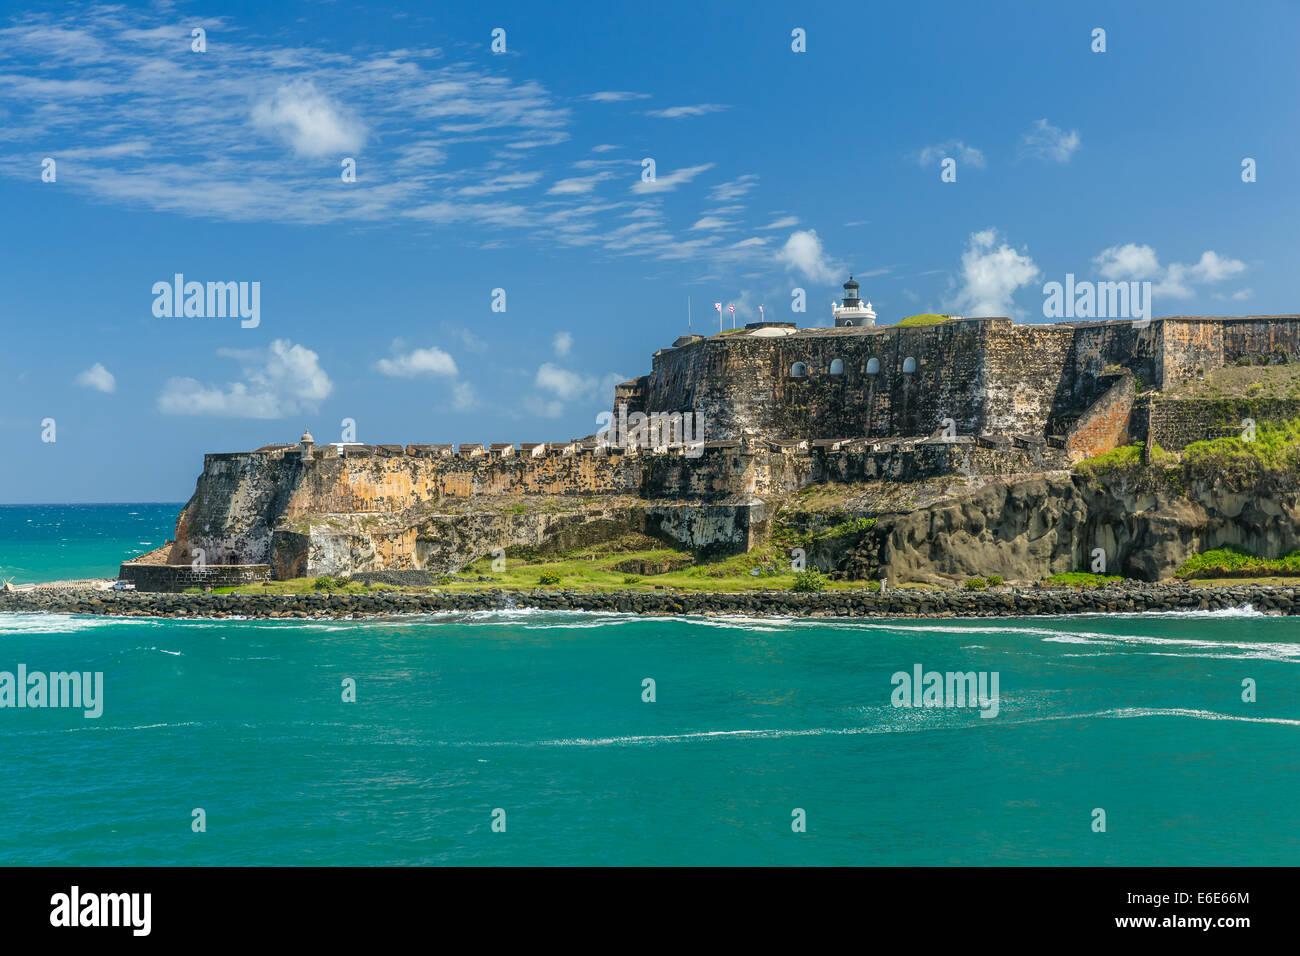 Fort San Felipe del Moro, San Juan di Porto Rico Immagini Stock